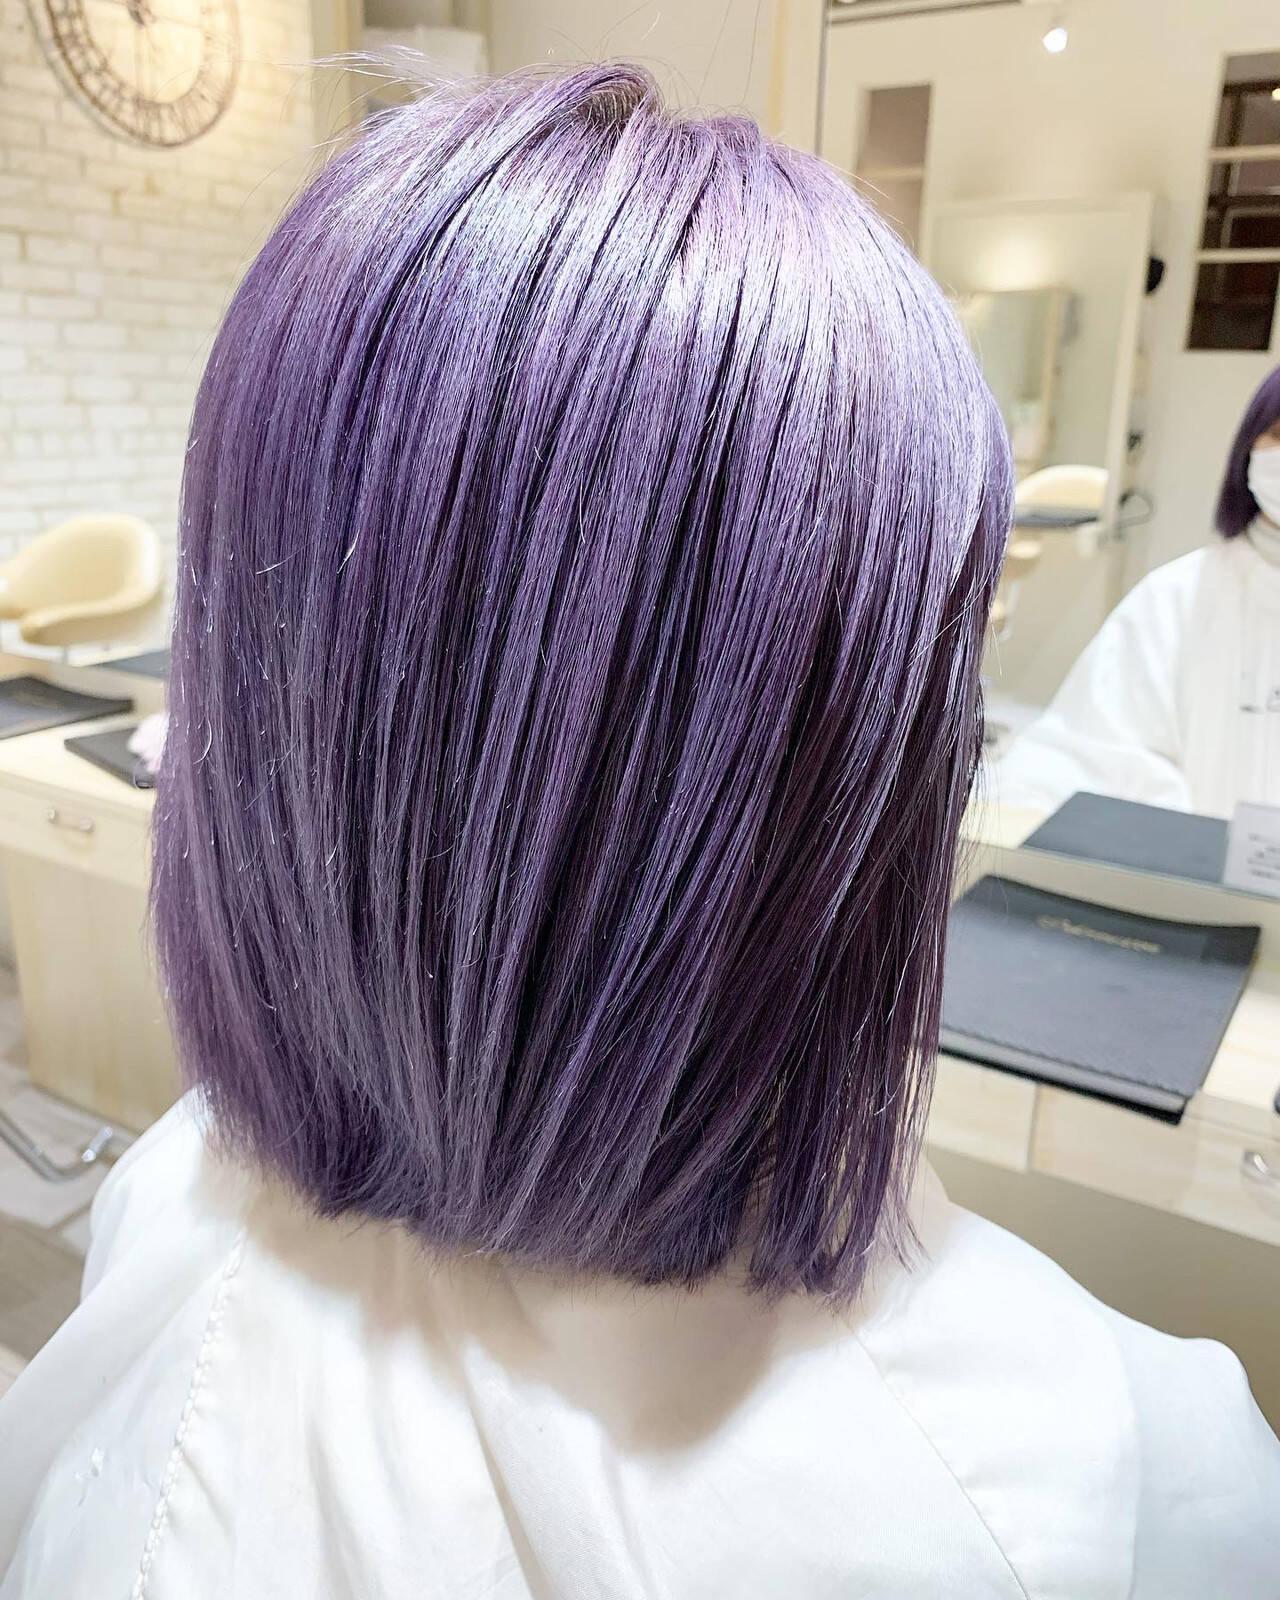 デザインカラー 切りっぱなしボブ ラベンダーカラー パープルカラーヘアスタイルや髪型の写真・画像